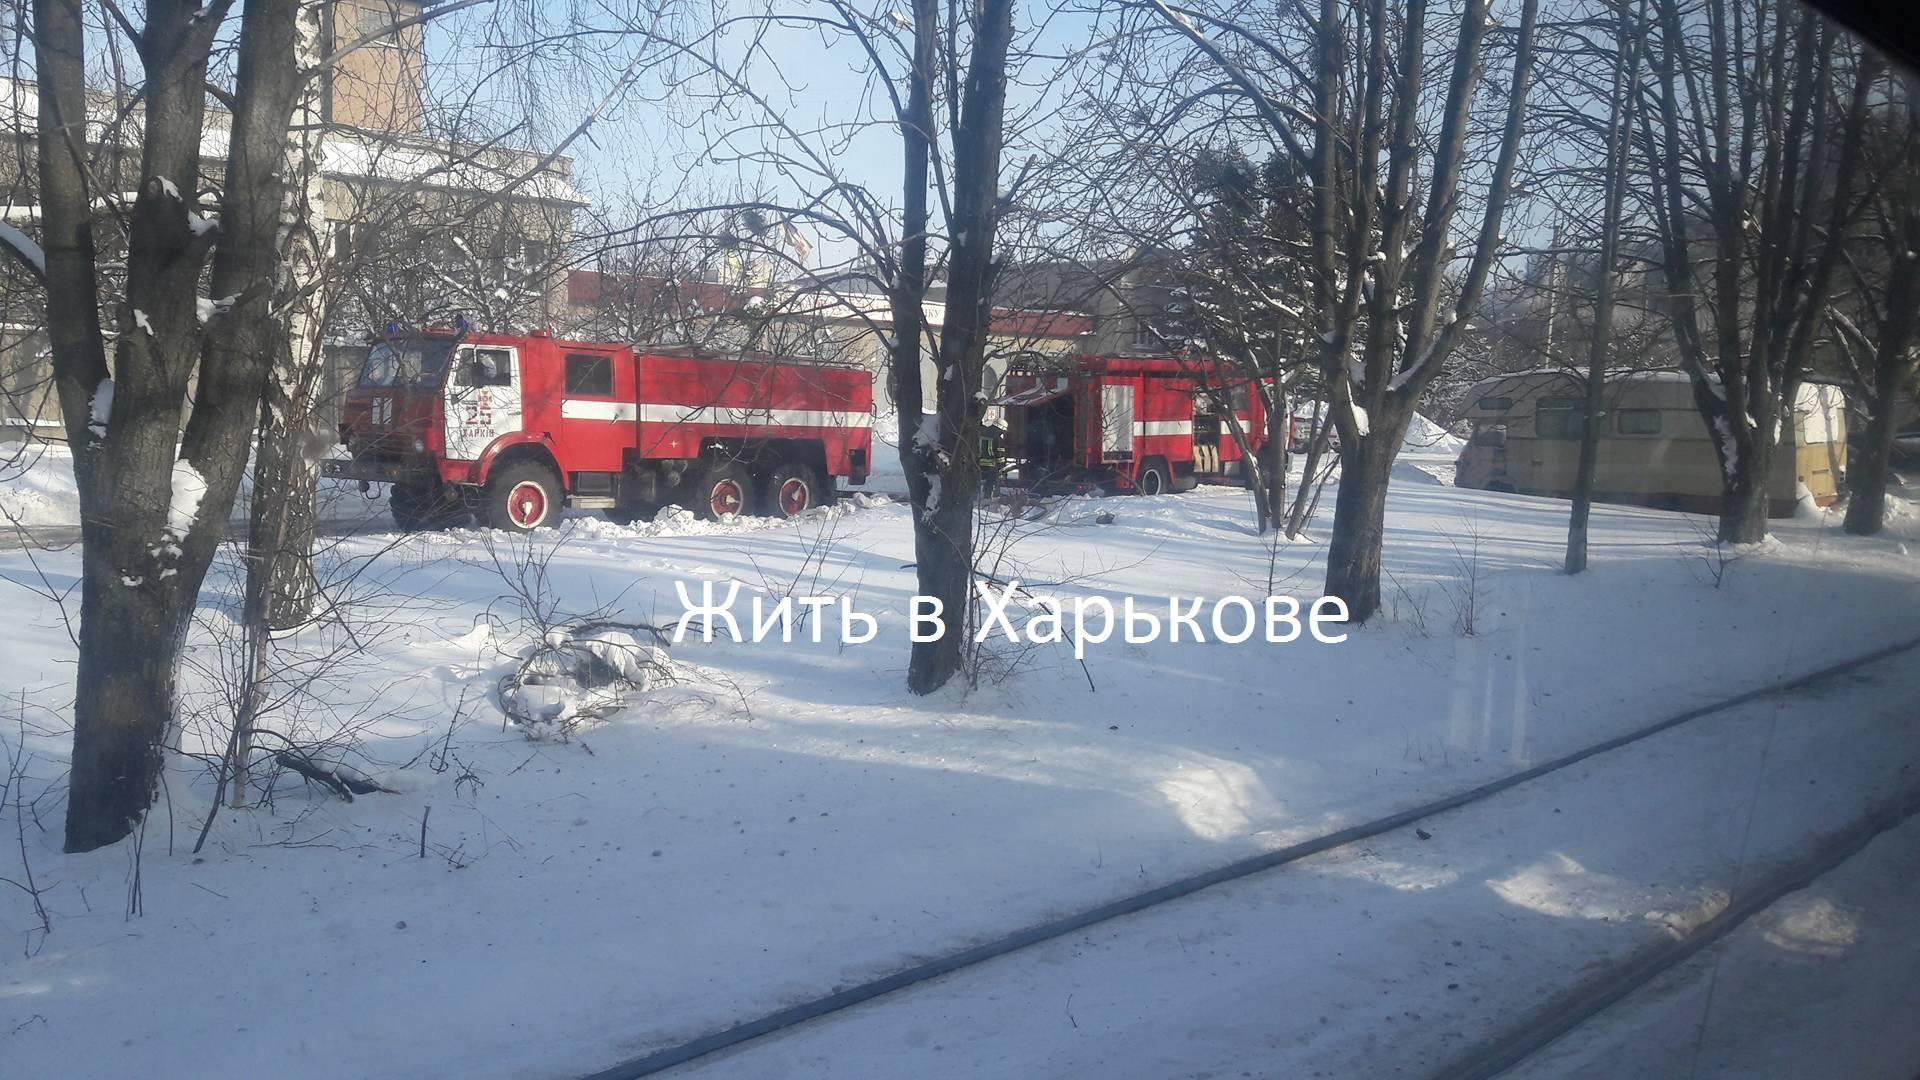 Крупный пожар в Харькове. Эвакуировали десятки людей (фото, дополнено)